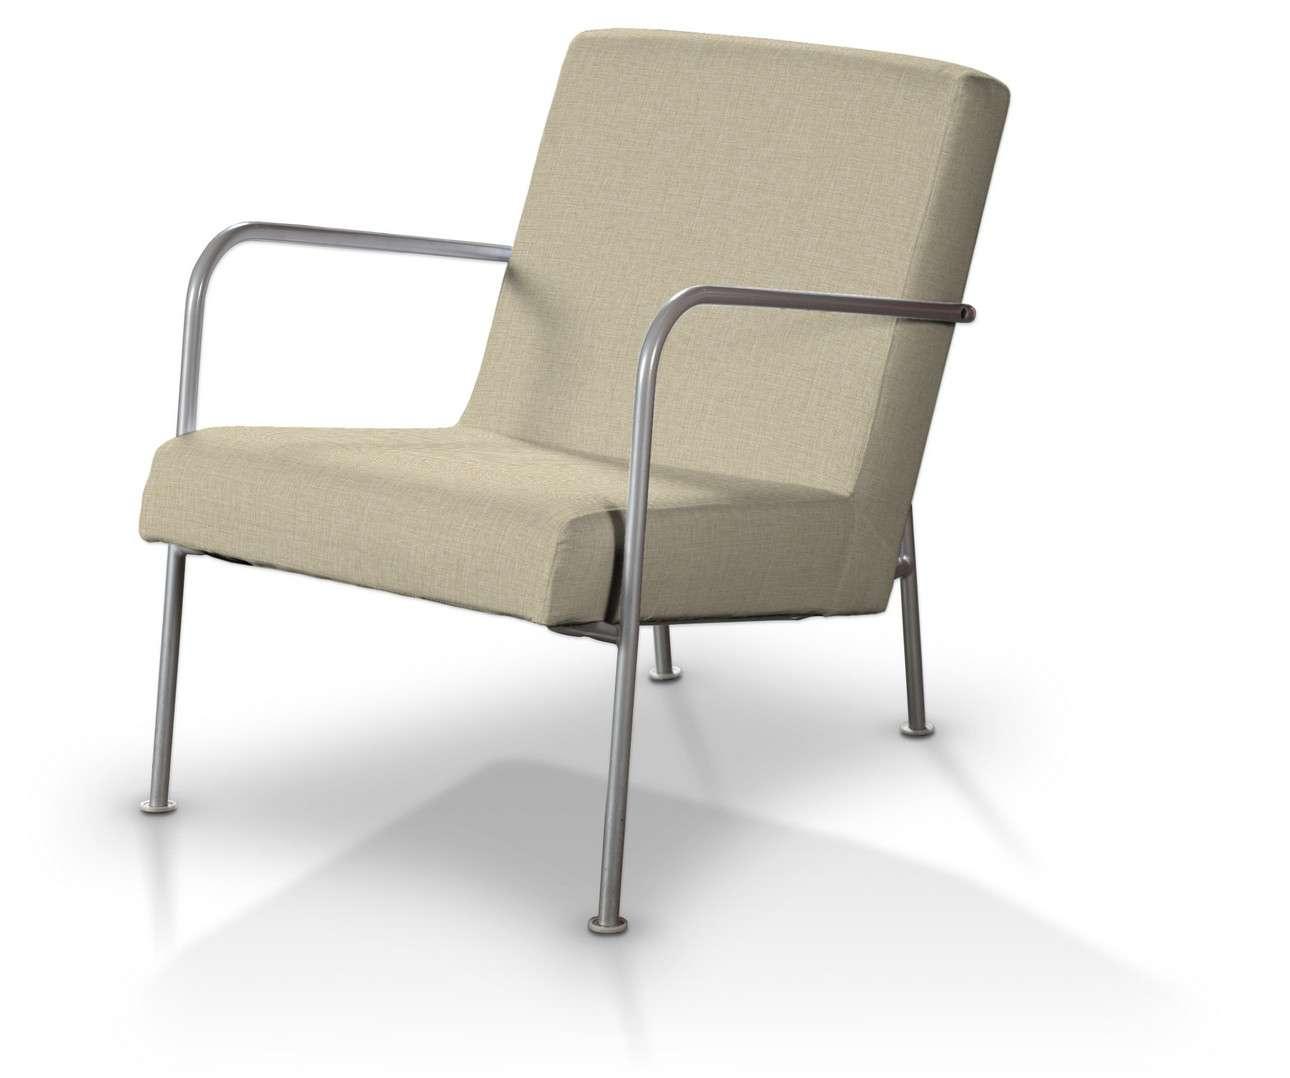 Pokrowiec na fotel Ikea PS w kolekcji Living, tkanina: 161-45